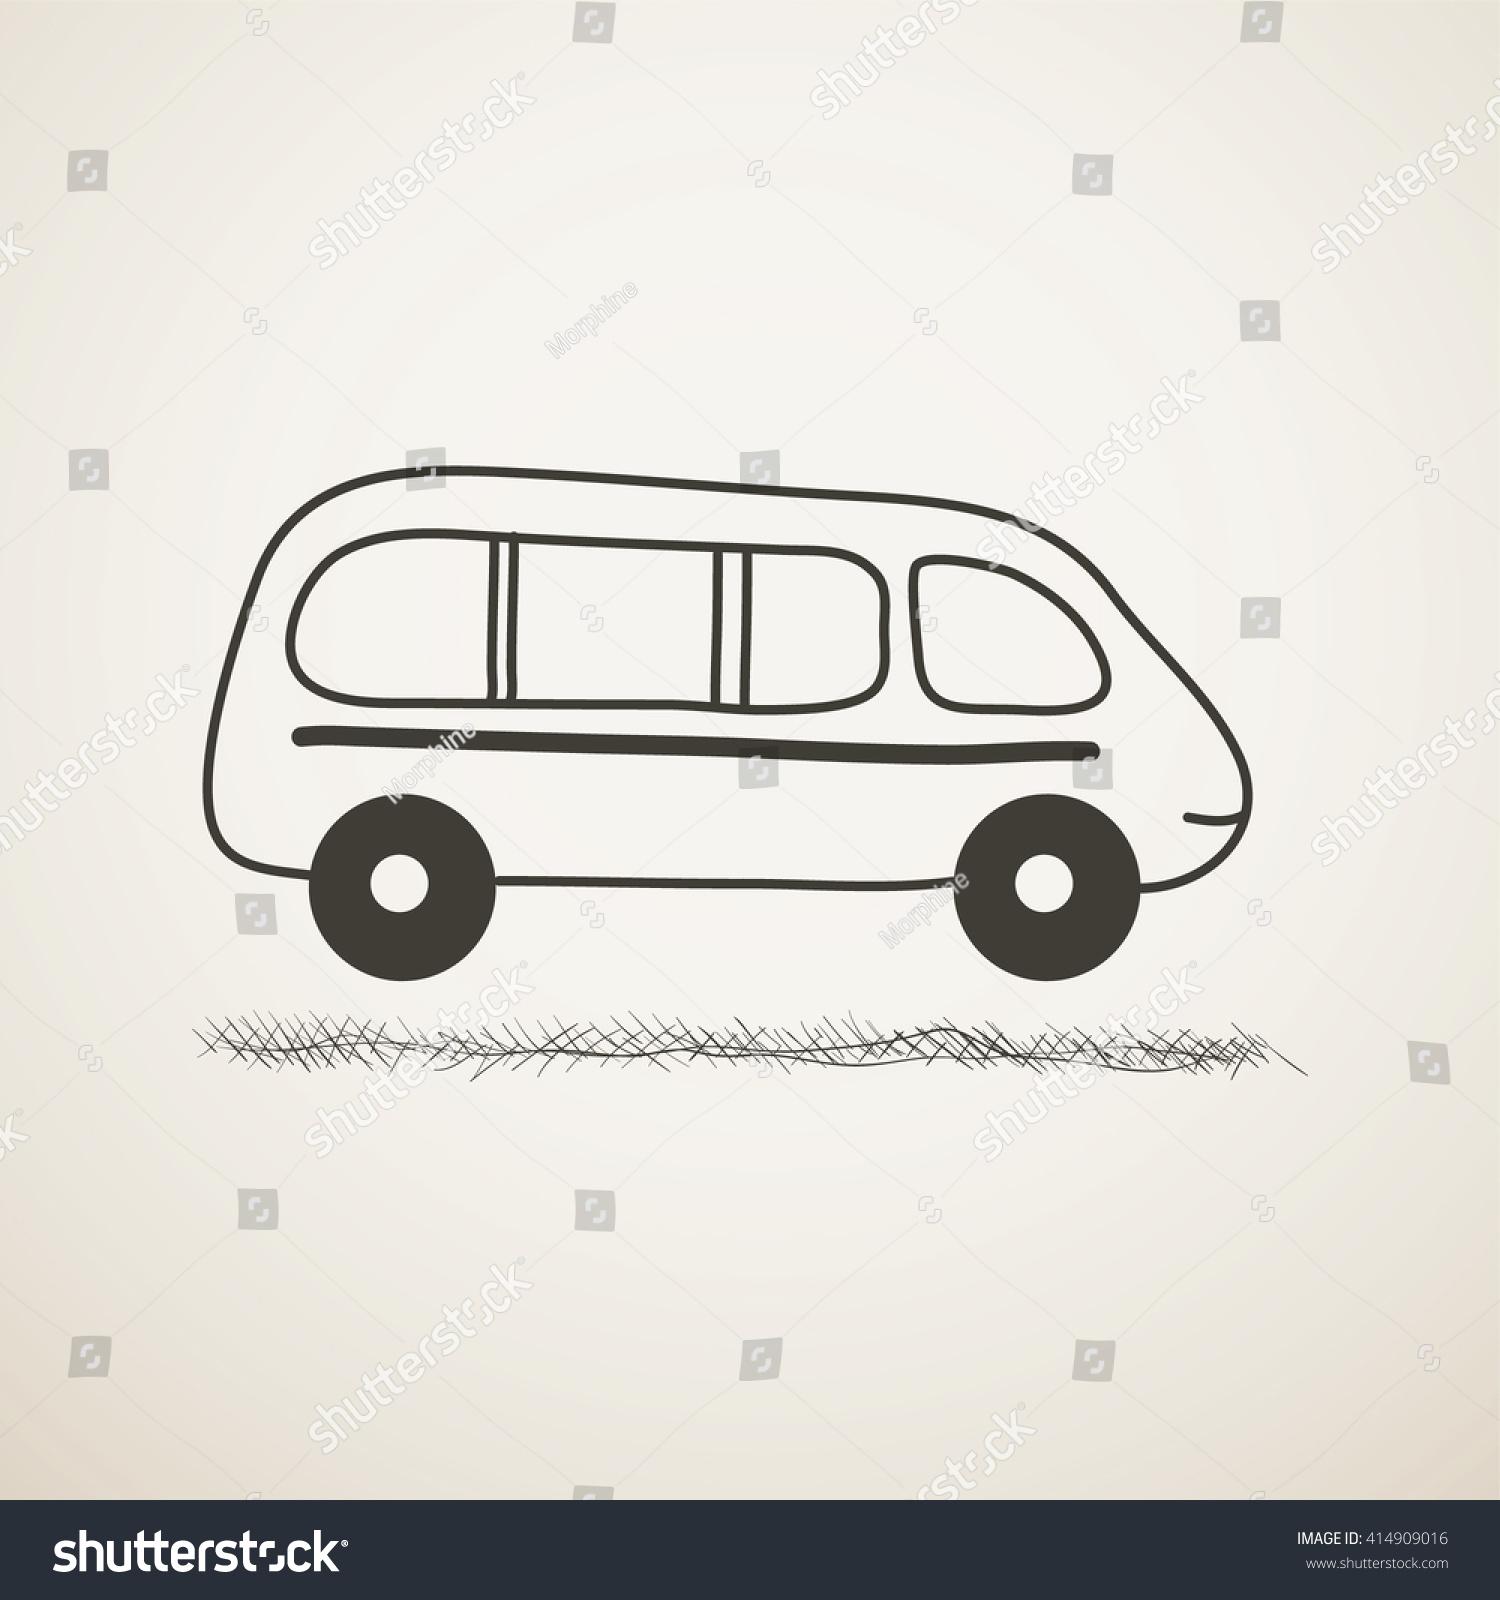 Black and white cartoon minibus sketch icon primitive picture of automobile